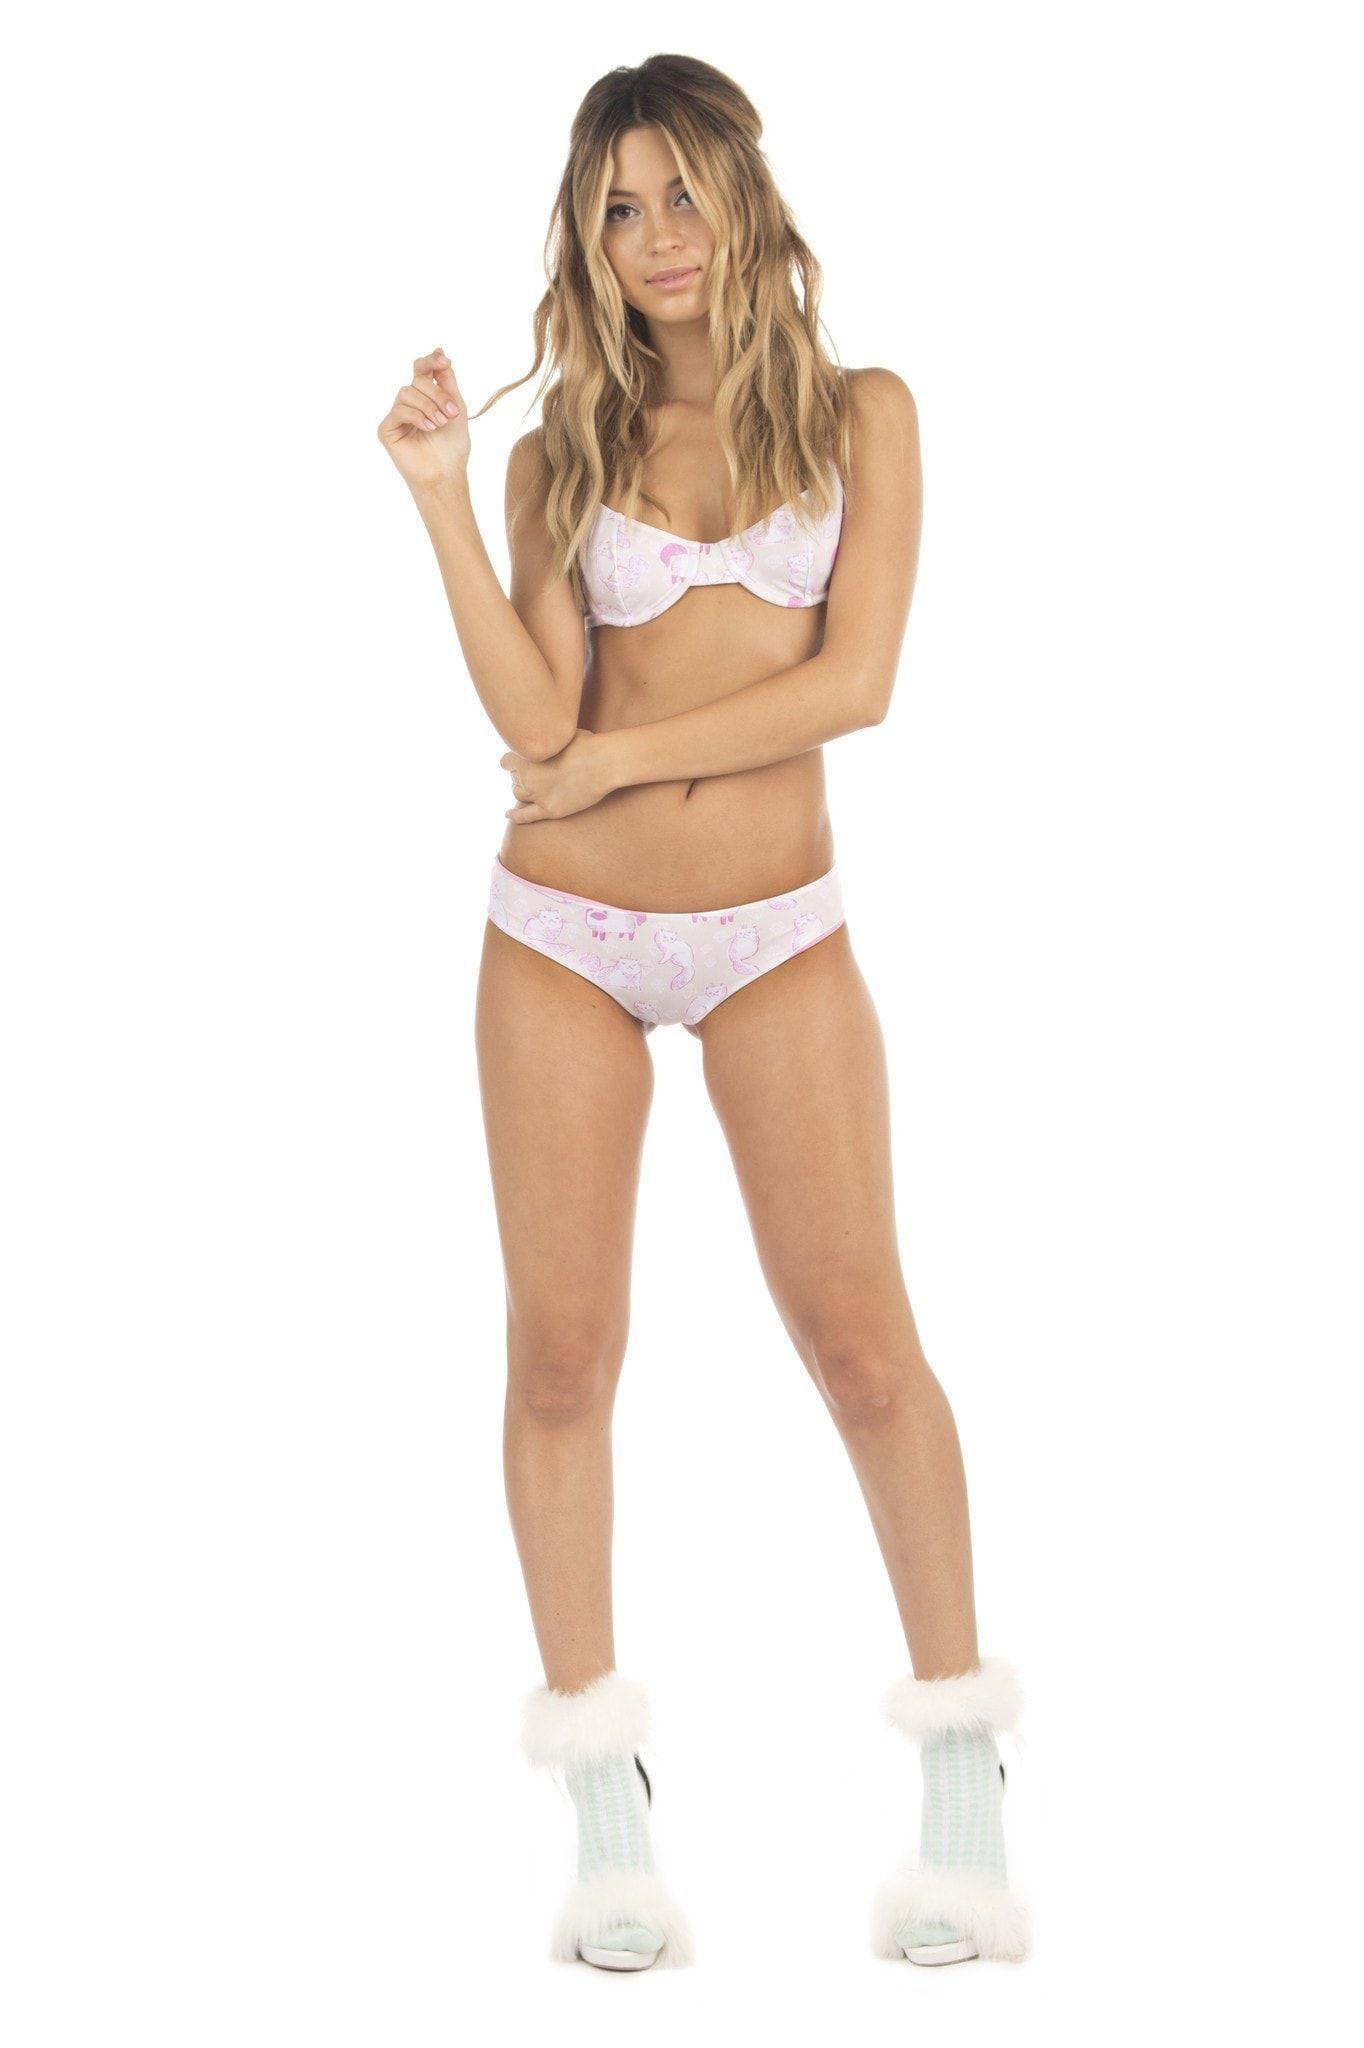 2da1f0b700 Lolli Swim Babe Bikini Top - Purr